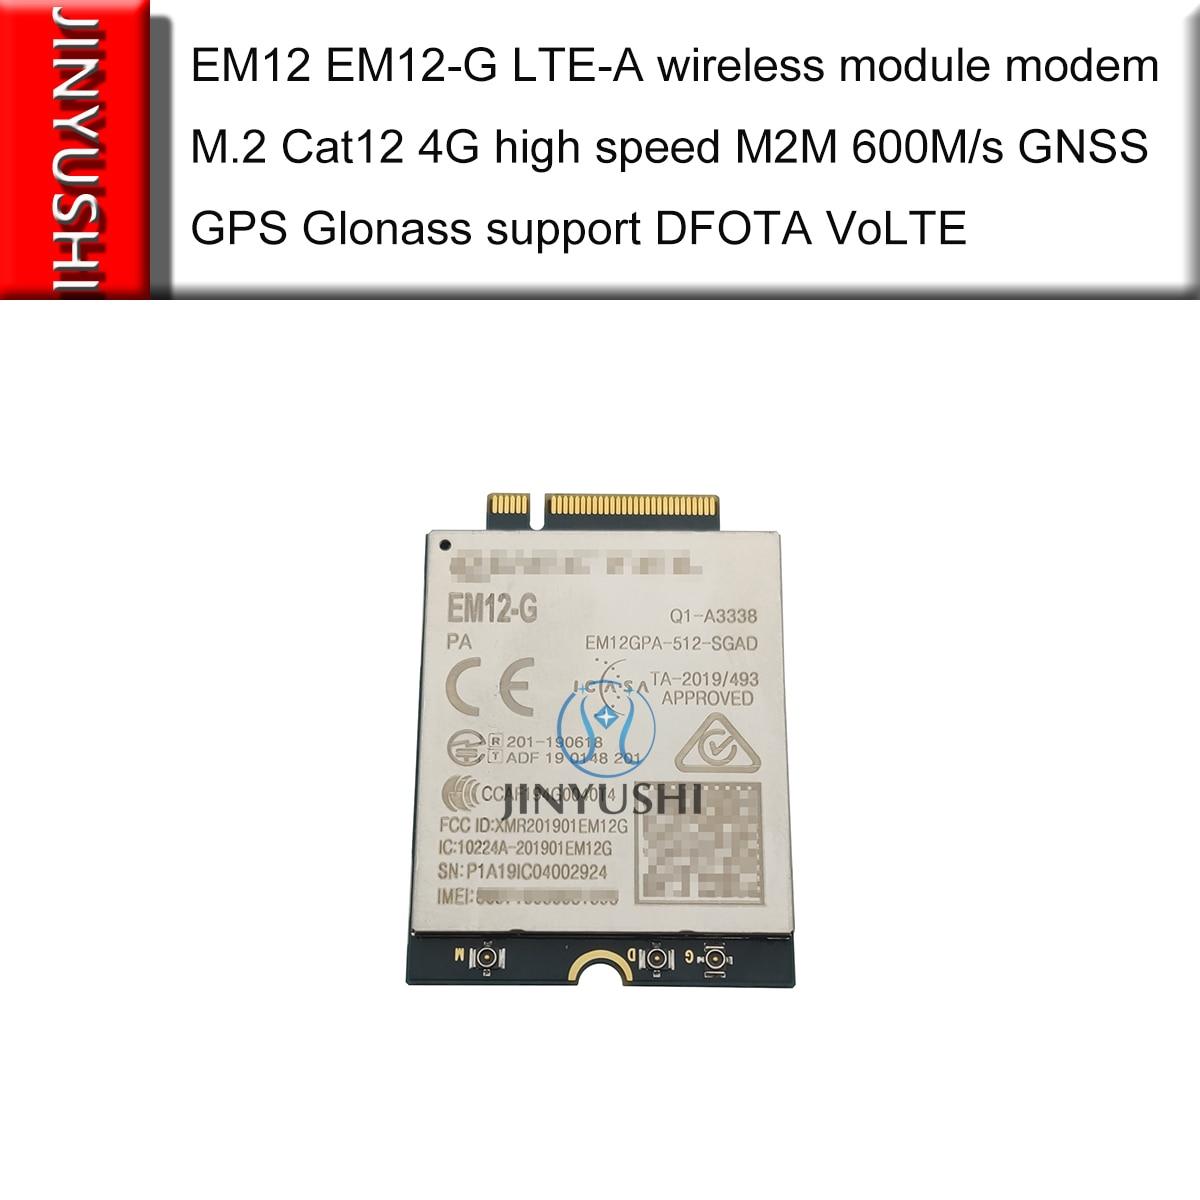 JINYUSHI нет поддельных EM12 EM12-G LTE-A беспроводной модуль модема M.2 Cat12 4G высокоскоростной M2M 600 м/с GNSS GPS ГЛОНАСС поддержка DFOTA VoLTE